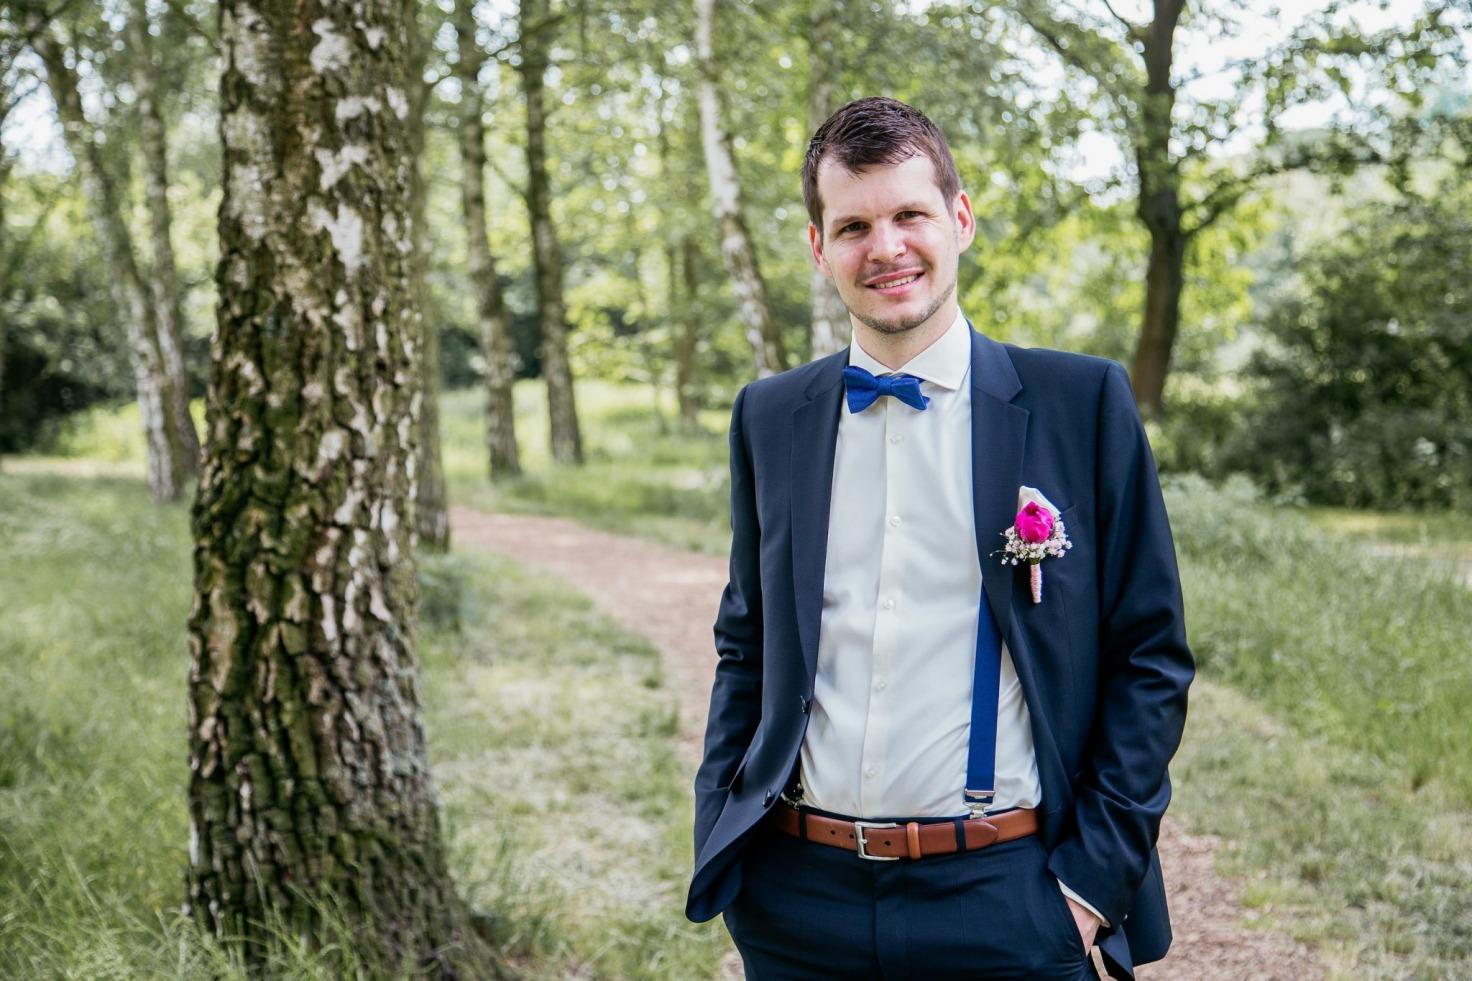 Hochzeitsfotograf Münster - Bräutigam steht im Grünen